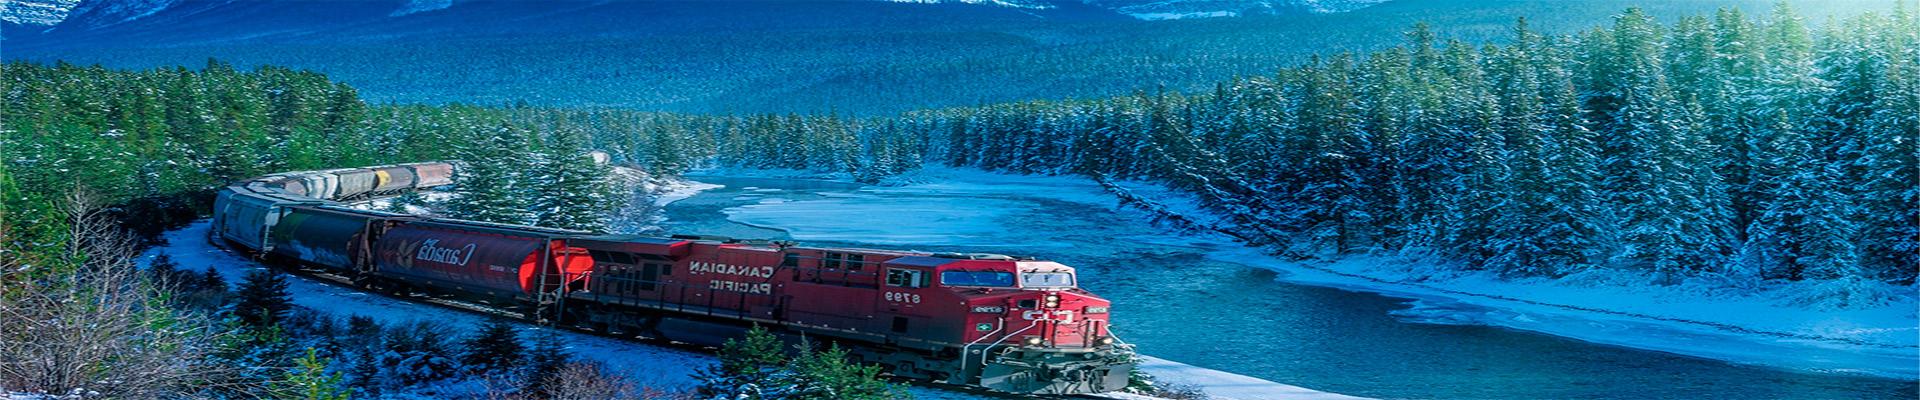 Pacote de Viagem – Costa Leste do Canadá em Trem